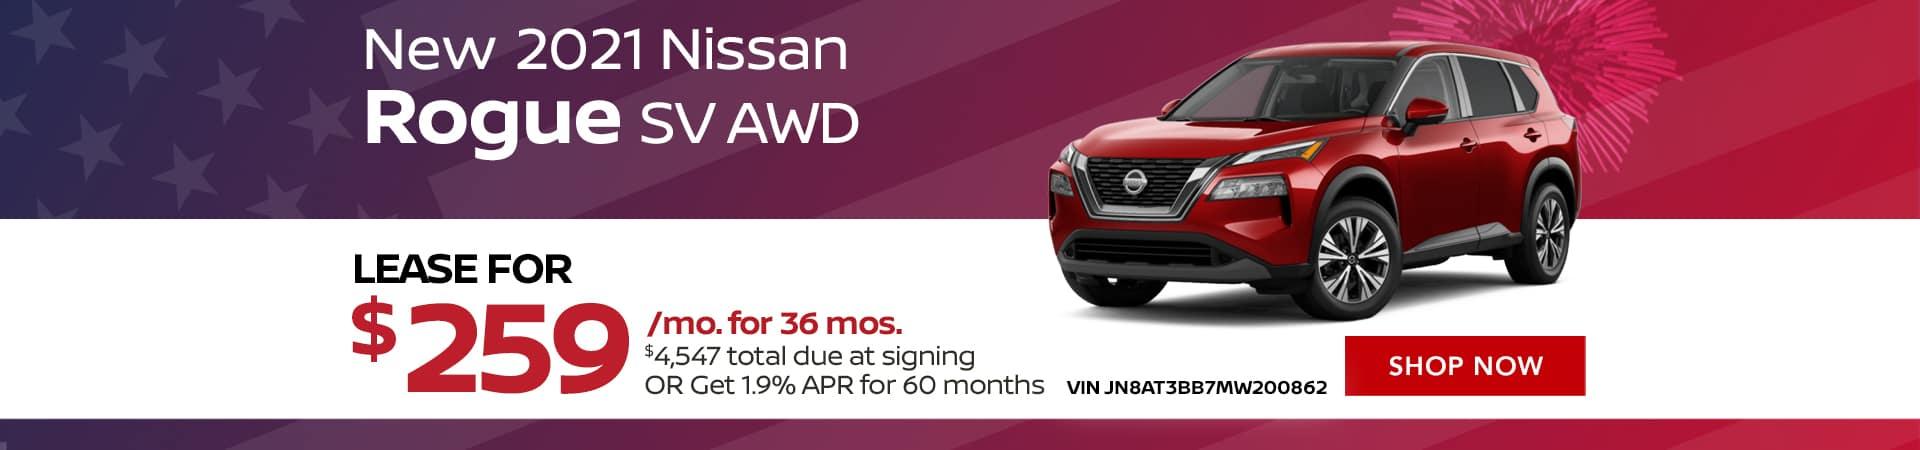 JRN_1920x450_New 2021 Nissan _Rogue SV AWD__0221